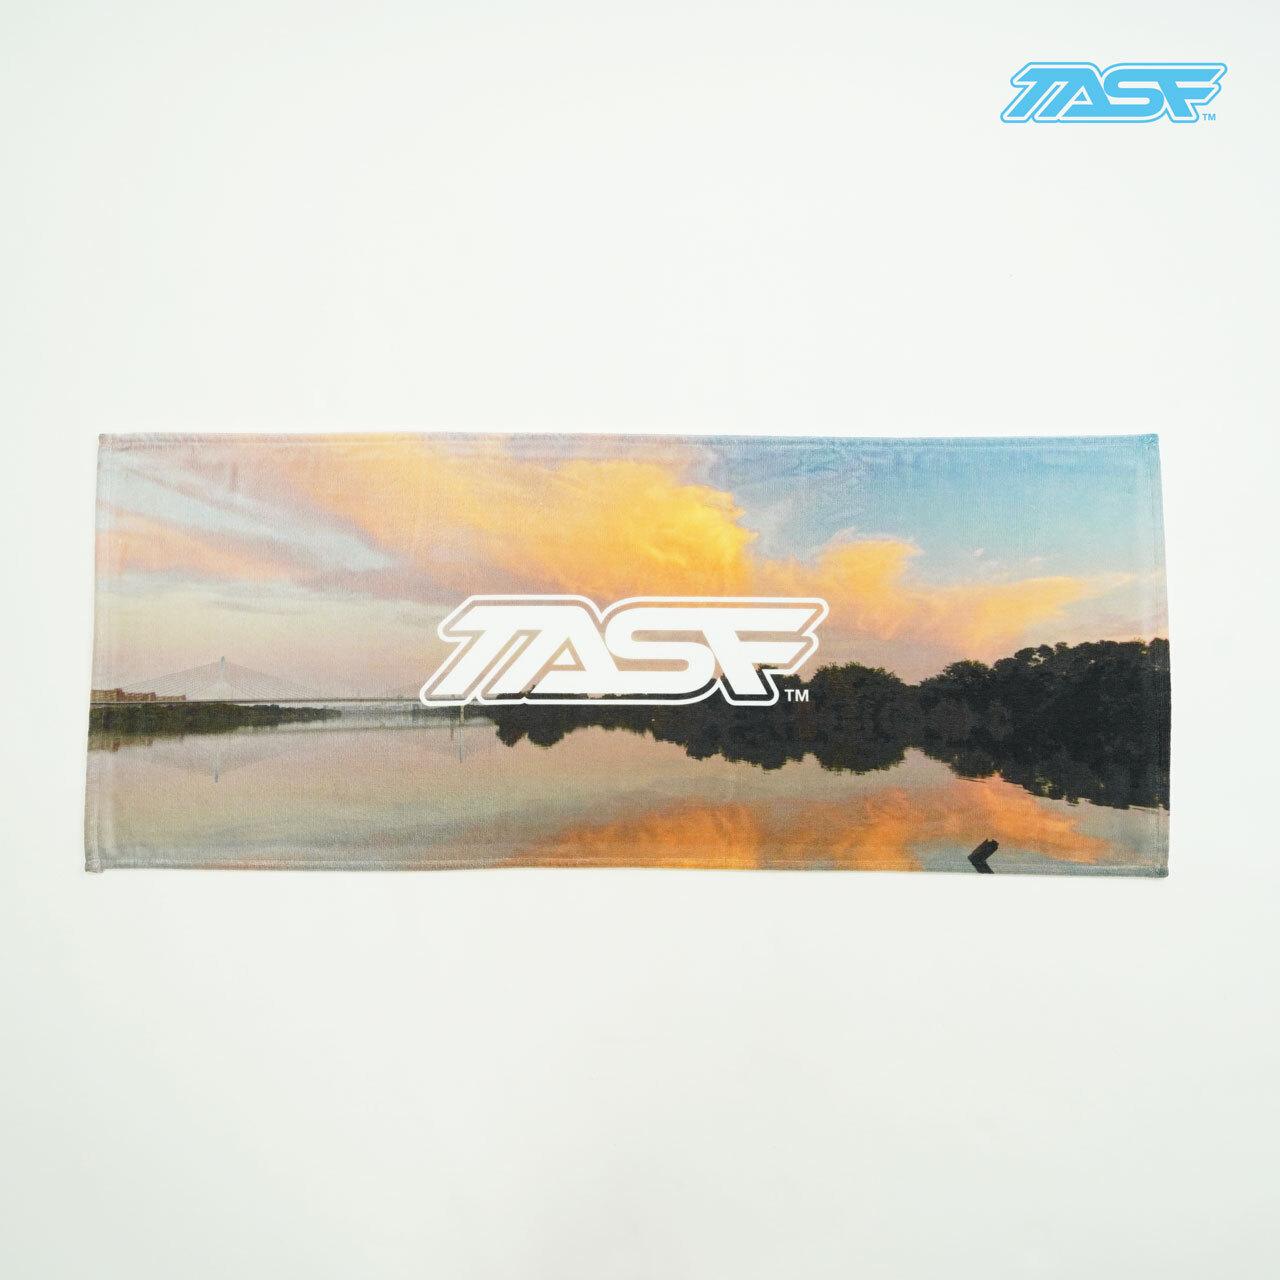 TASF  /   TOWEL  /  YODO RIVER